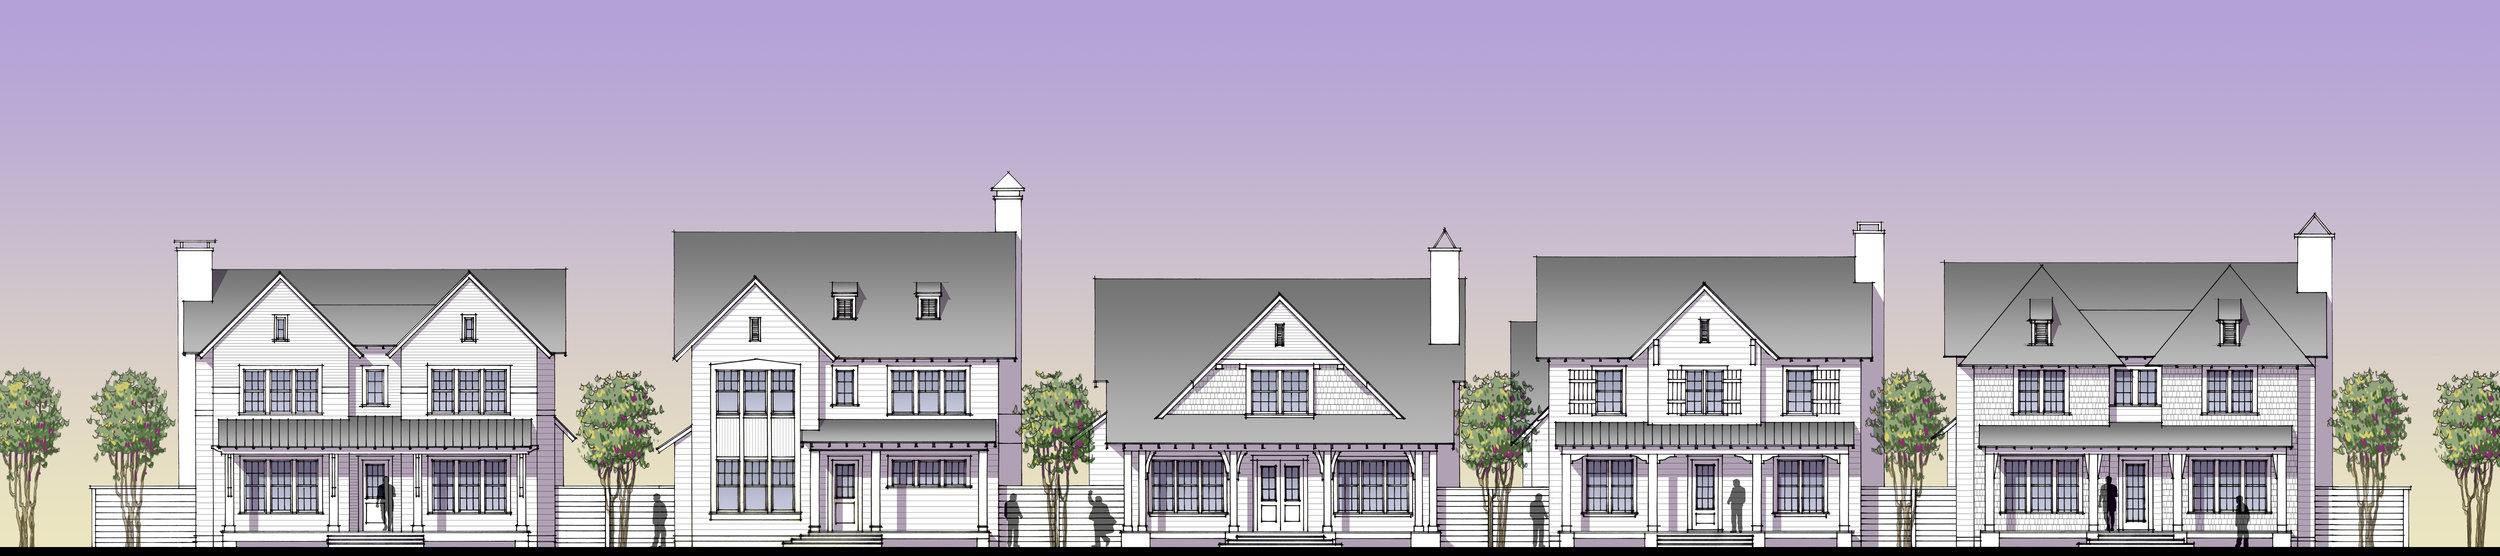 scan - Olmsted Park Homes elevs 08-17-15 NO COLOR.jpg